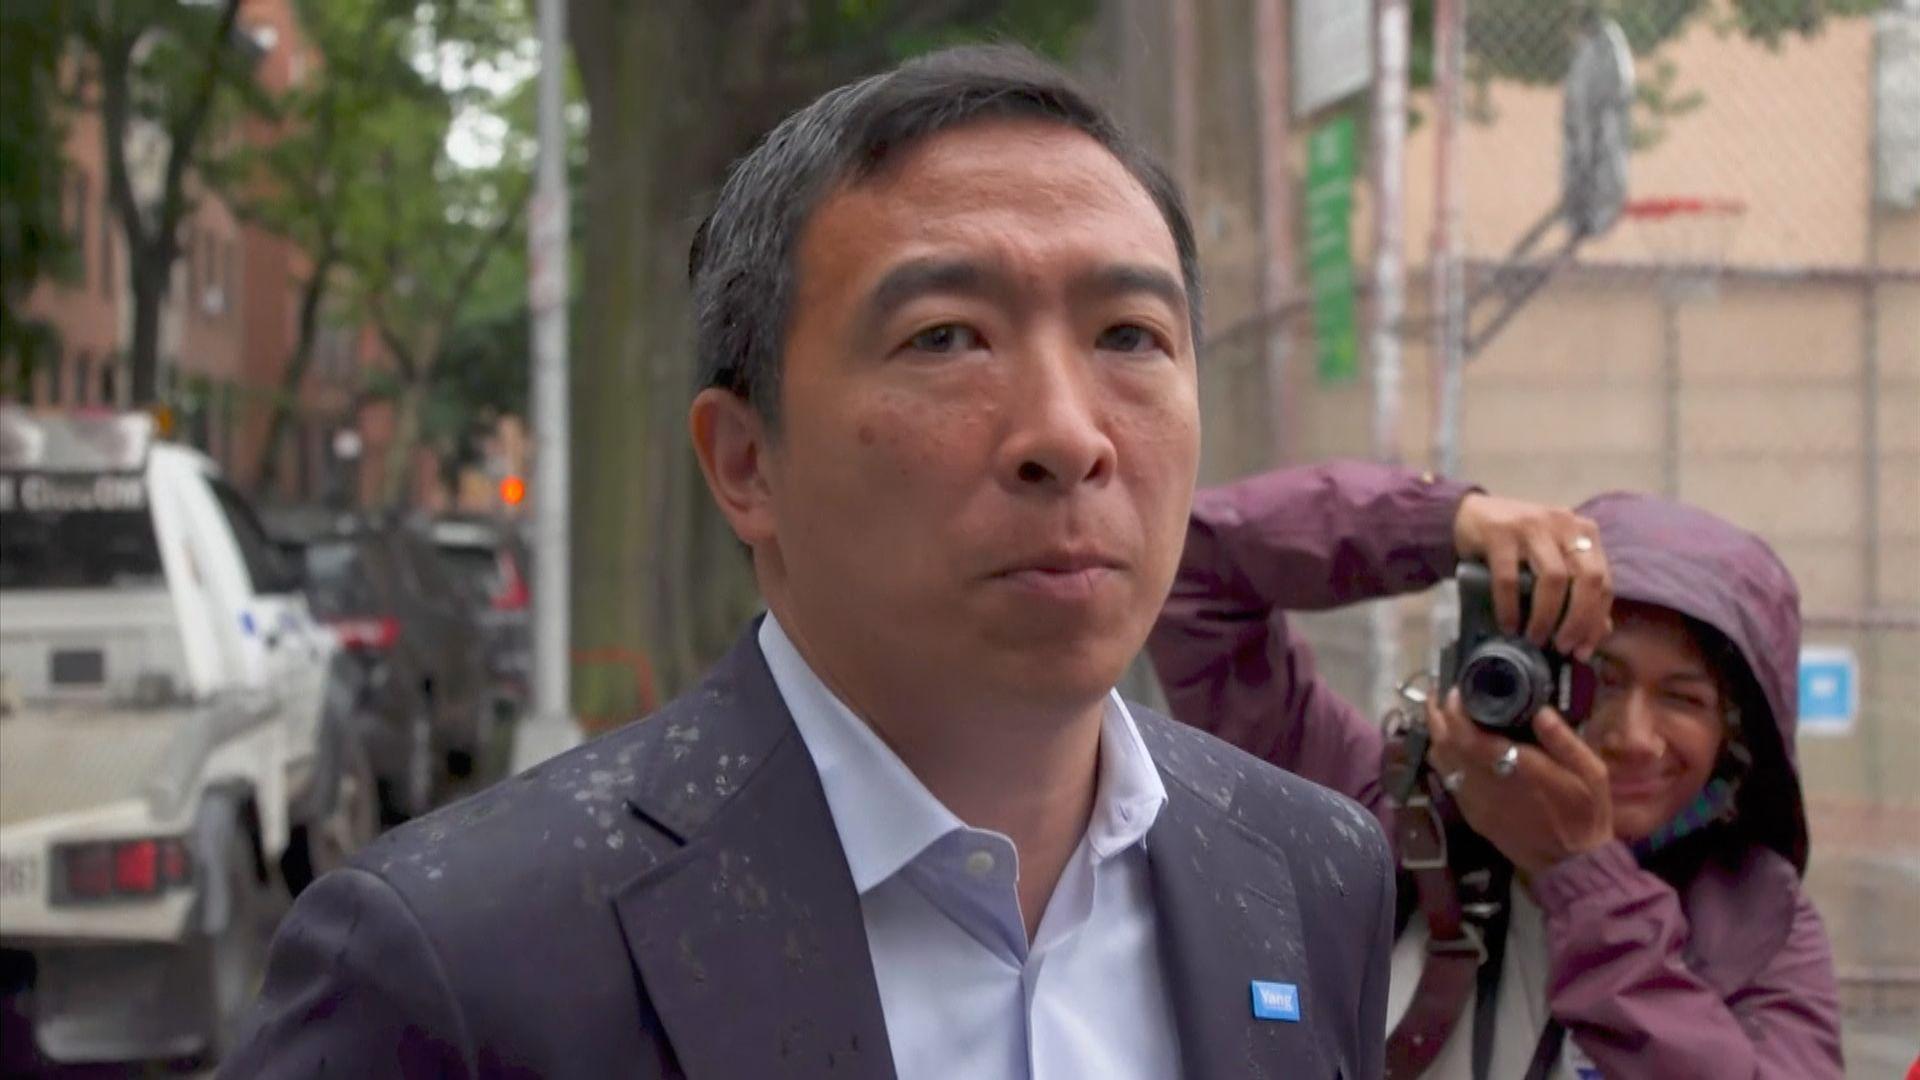 紐約市長初選 楊安澤率先宣布落敗